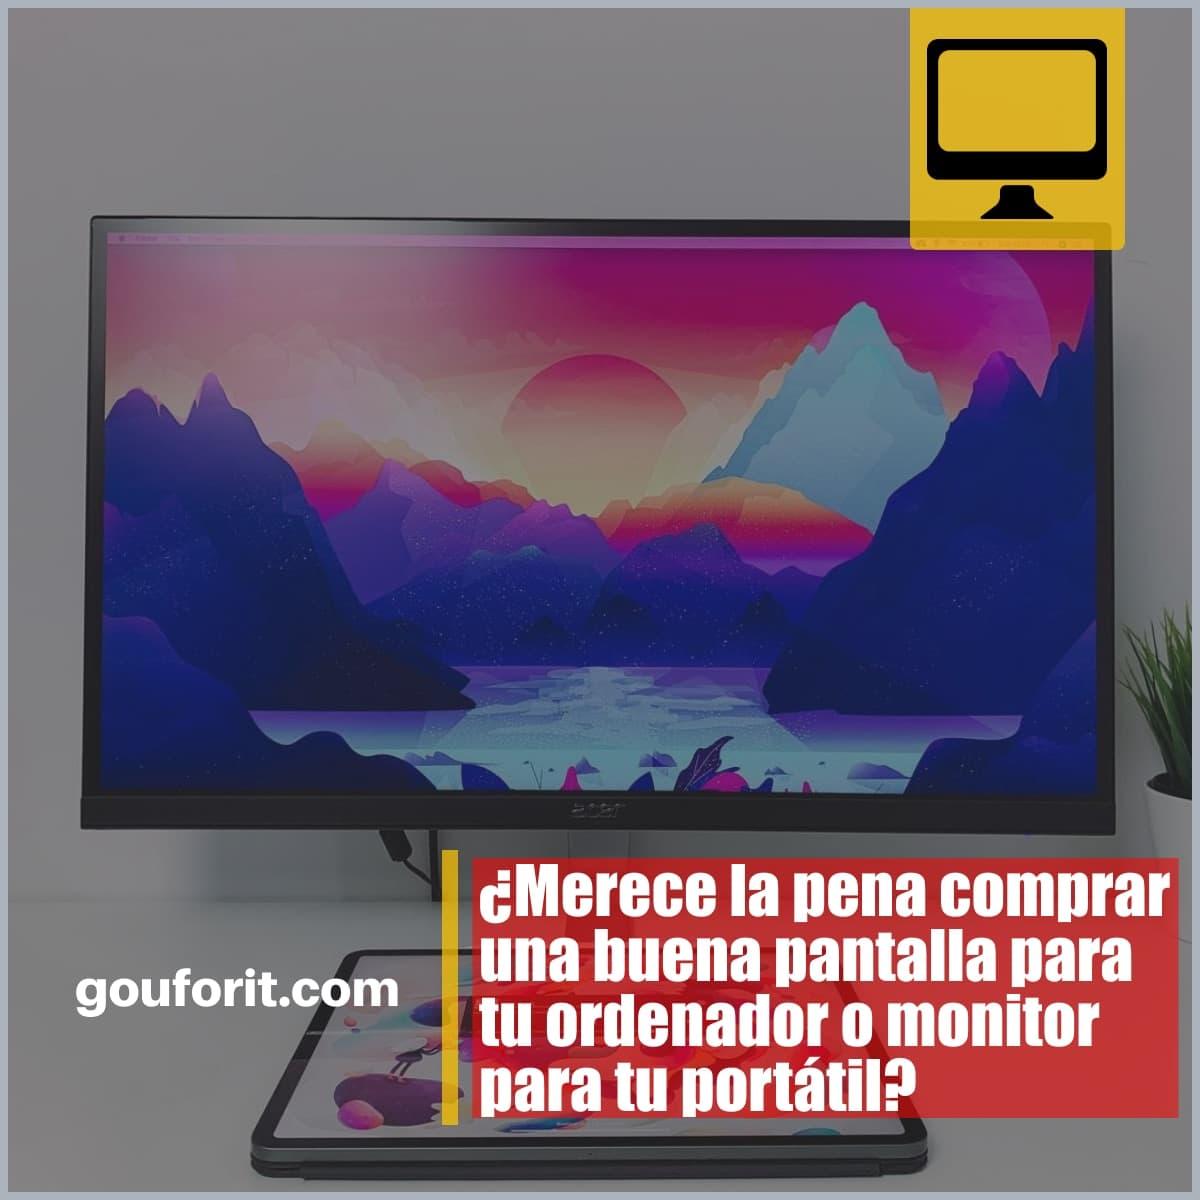 ¿Merece la pena comprar una buena pantalla para tu ordenador o monitor para tu portátil?